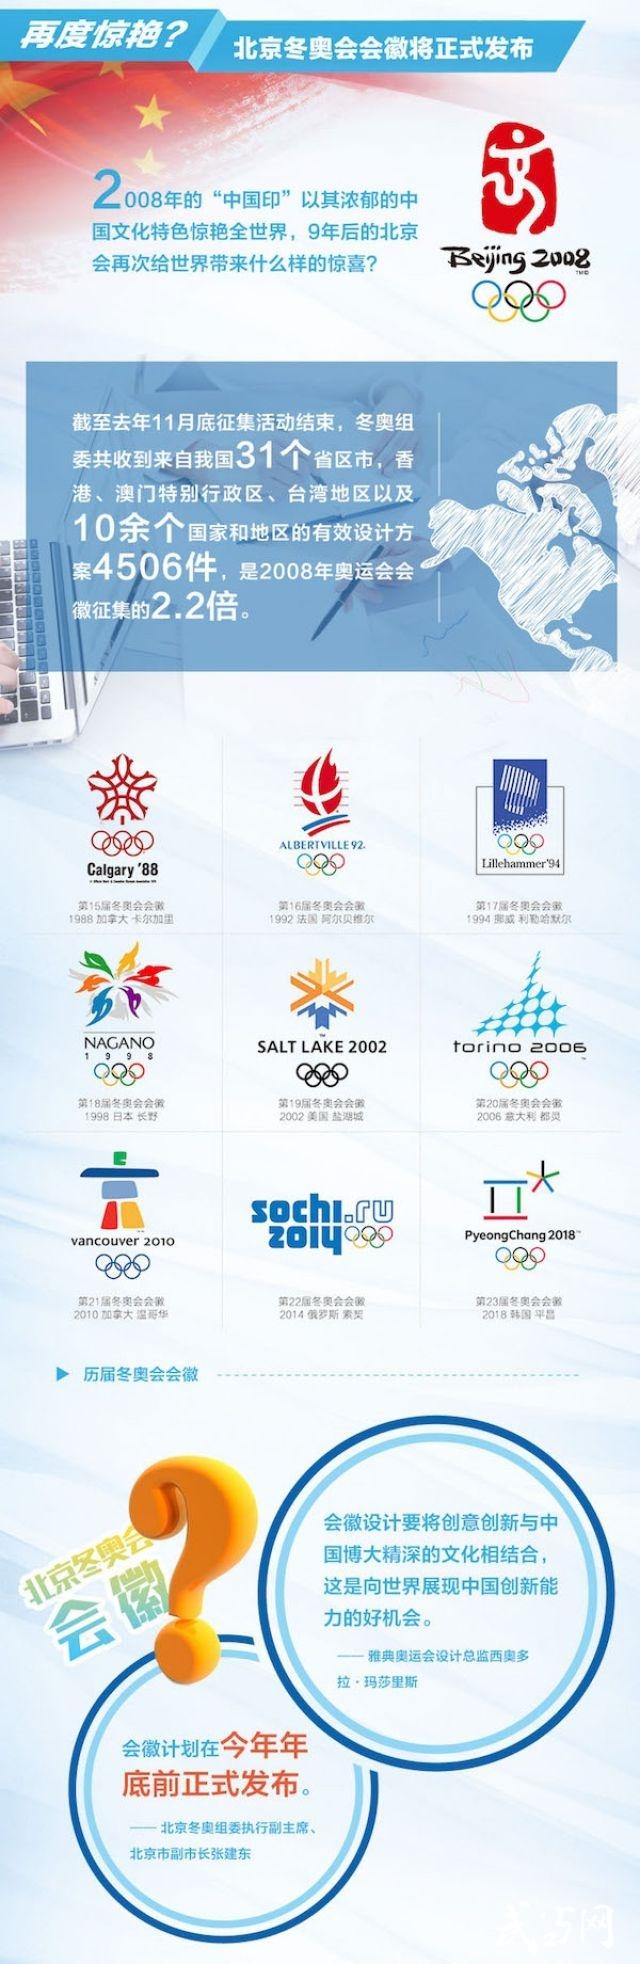 鲁西是国际雪联高山滑雪委员会主席,也是国际公认的高山滑雪赛道设计专家。作为北京冬奥组委聘请的第一位外籍高层次人才,他已经扎进延庆深山,为北京设计符合冬奥会标准的高山滑雪赛道。   高山滑雪的赛道标识线看似只是两条简单蓝线,实际要由专业的赛道染色师背着几十斤的染料桶一面高速下滑一面喷画出来。北京冬奥组委人力资源部部长闫成说,由此可见,冬季奥林匹克项目对赛事组织、保障人员的技能和专业化要求极高。   北京冬奥组委已制定并实施人才行动计划,广纳贤才。像鲁西这样的外籍高层次人才,北京冬奥组委已定向引进1